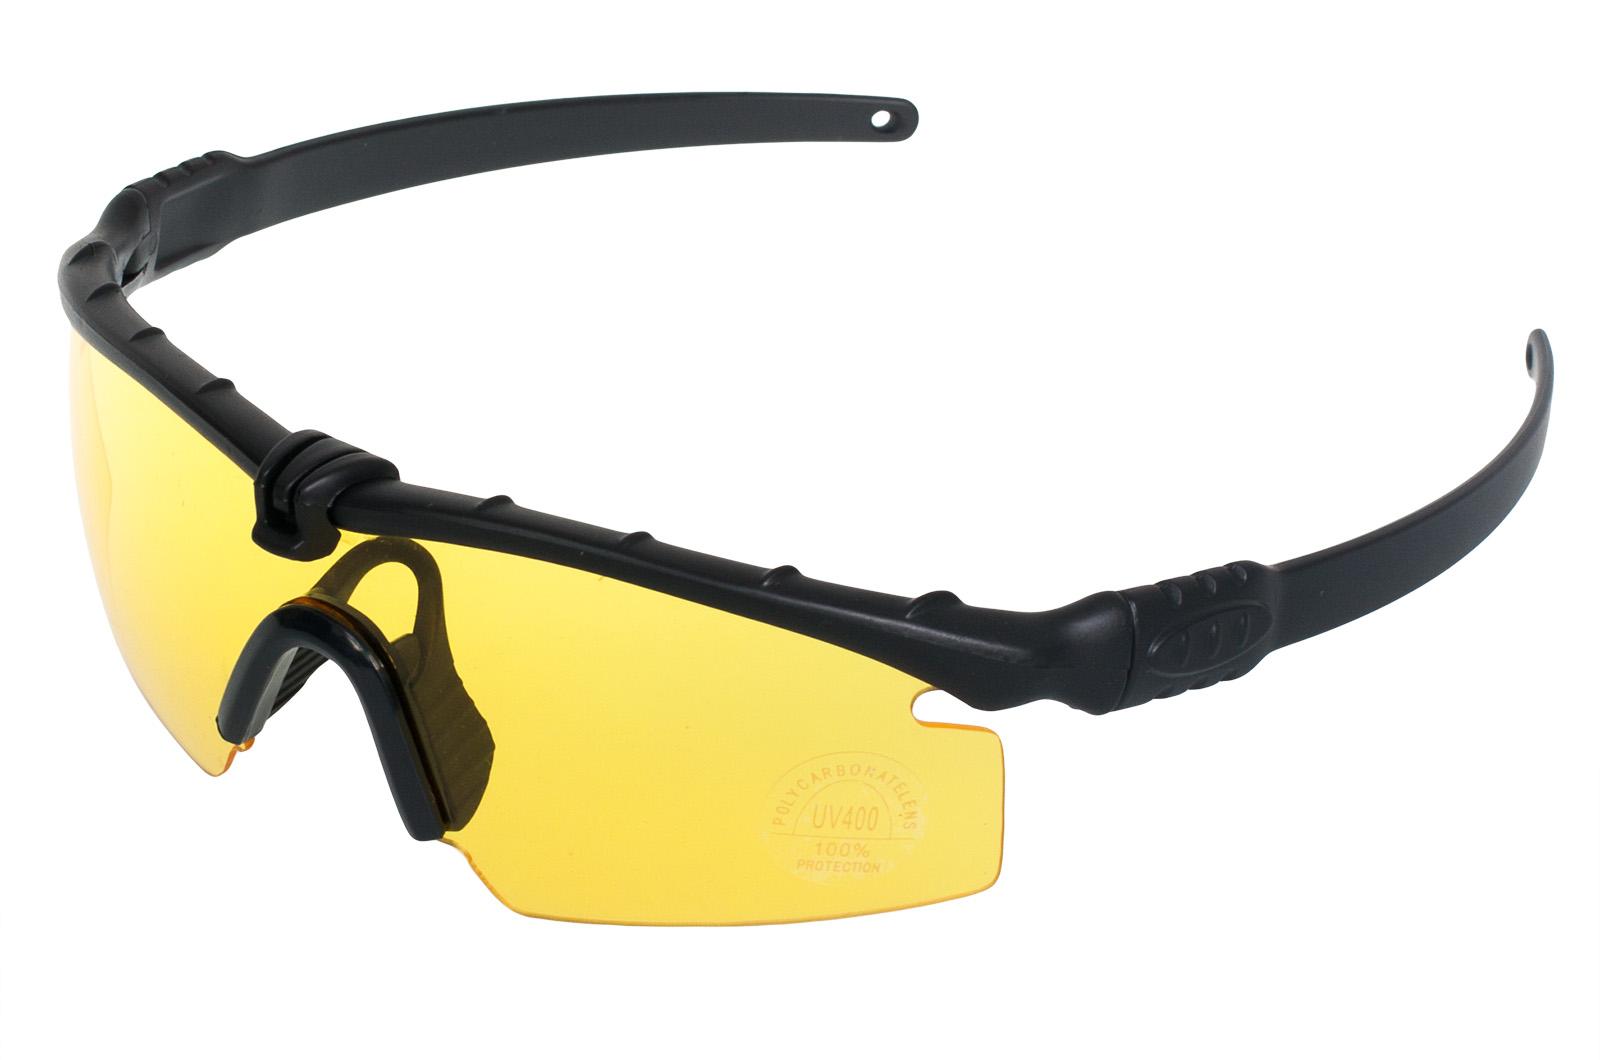 Купить glasses цена с доставкой в волгодонск комплектация combo спарк бывший в употреблении (бу)